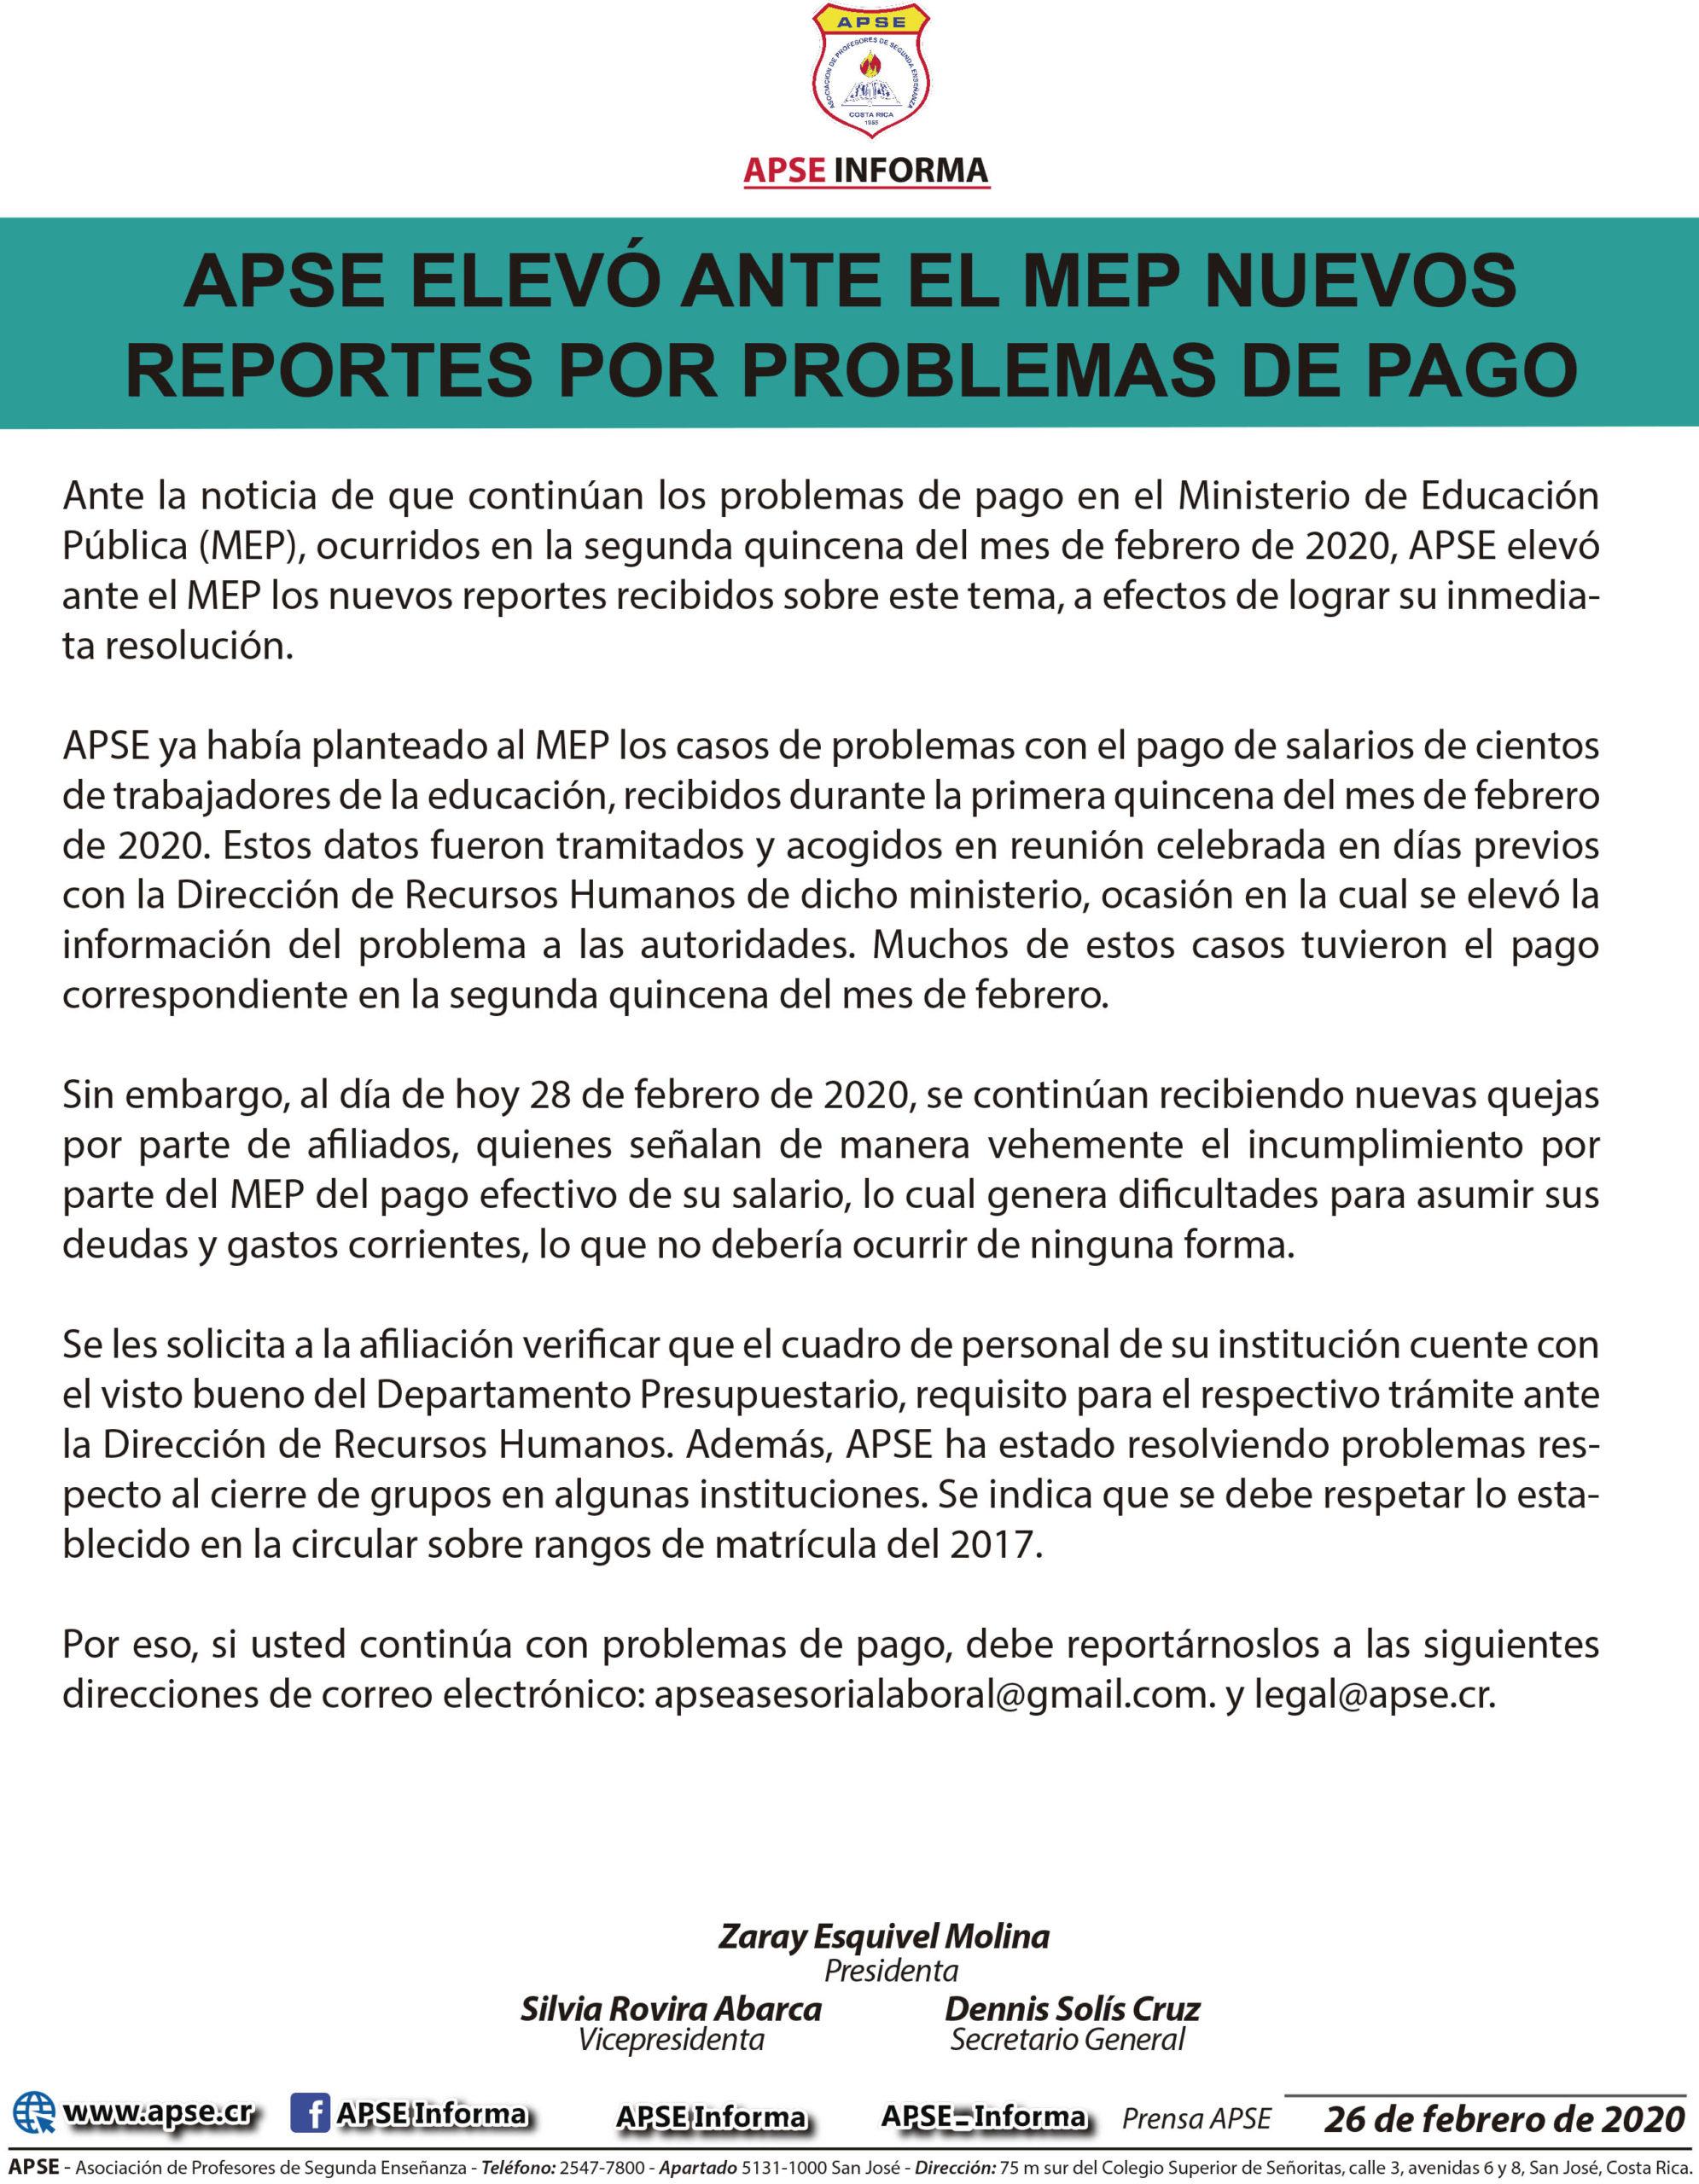 APSE ELEVÓ ANTE EL MEP NUEVOS REPORTES POR PROBLEMAS DE PAGO